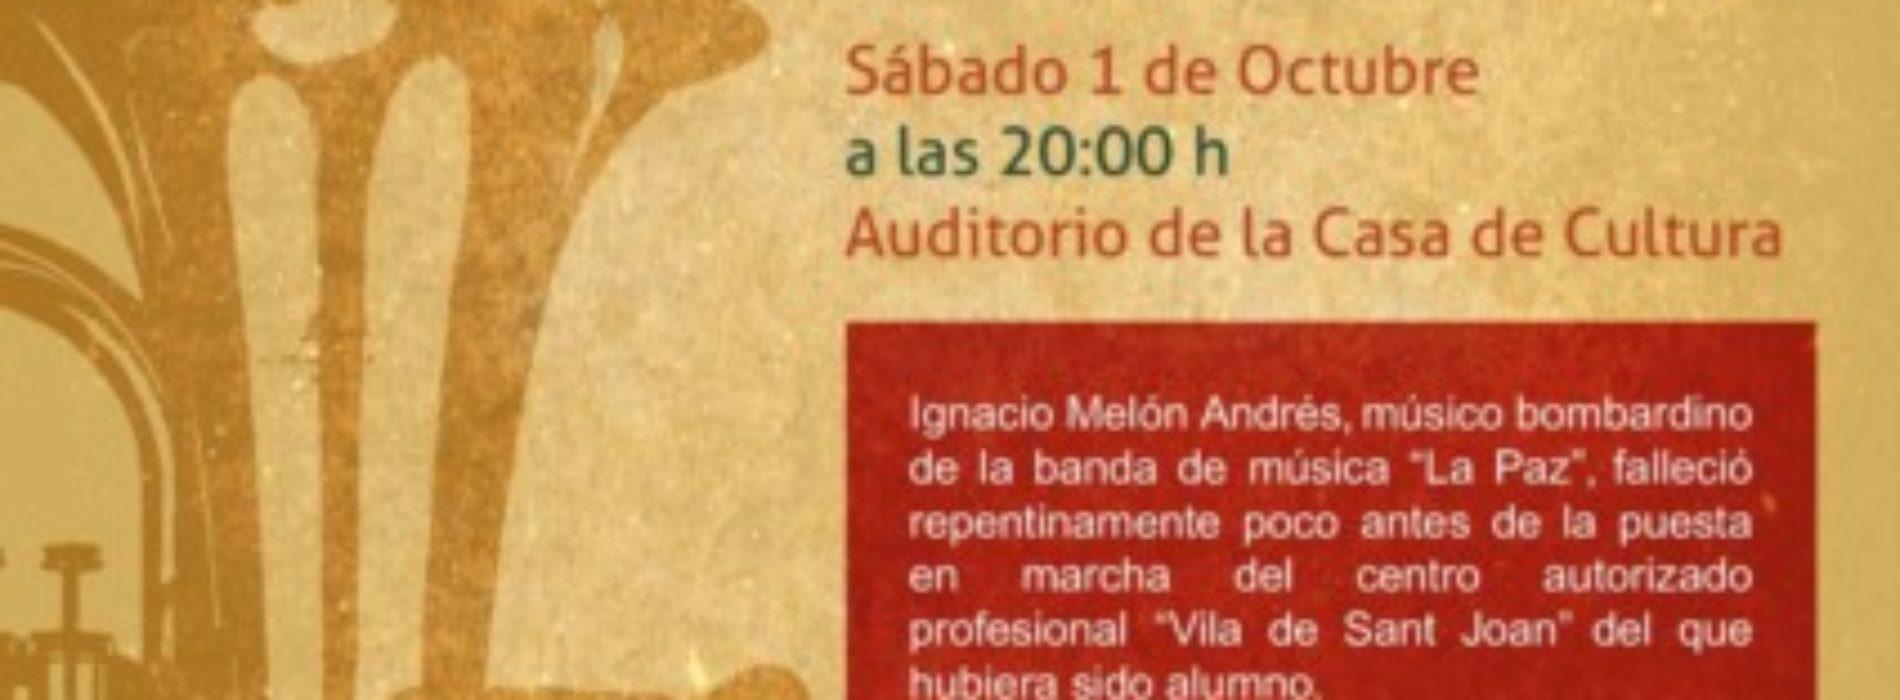 """VI Gala Memorial """"Ignacio Melón"""" del Conservatorio."""